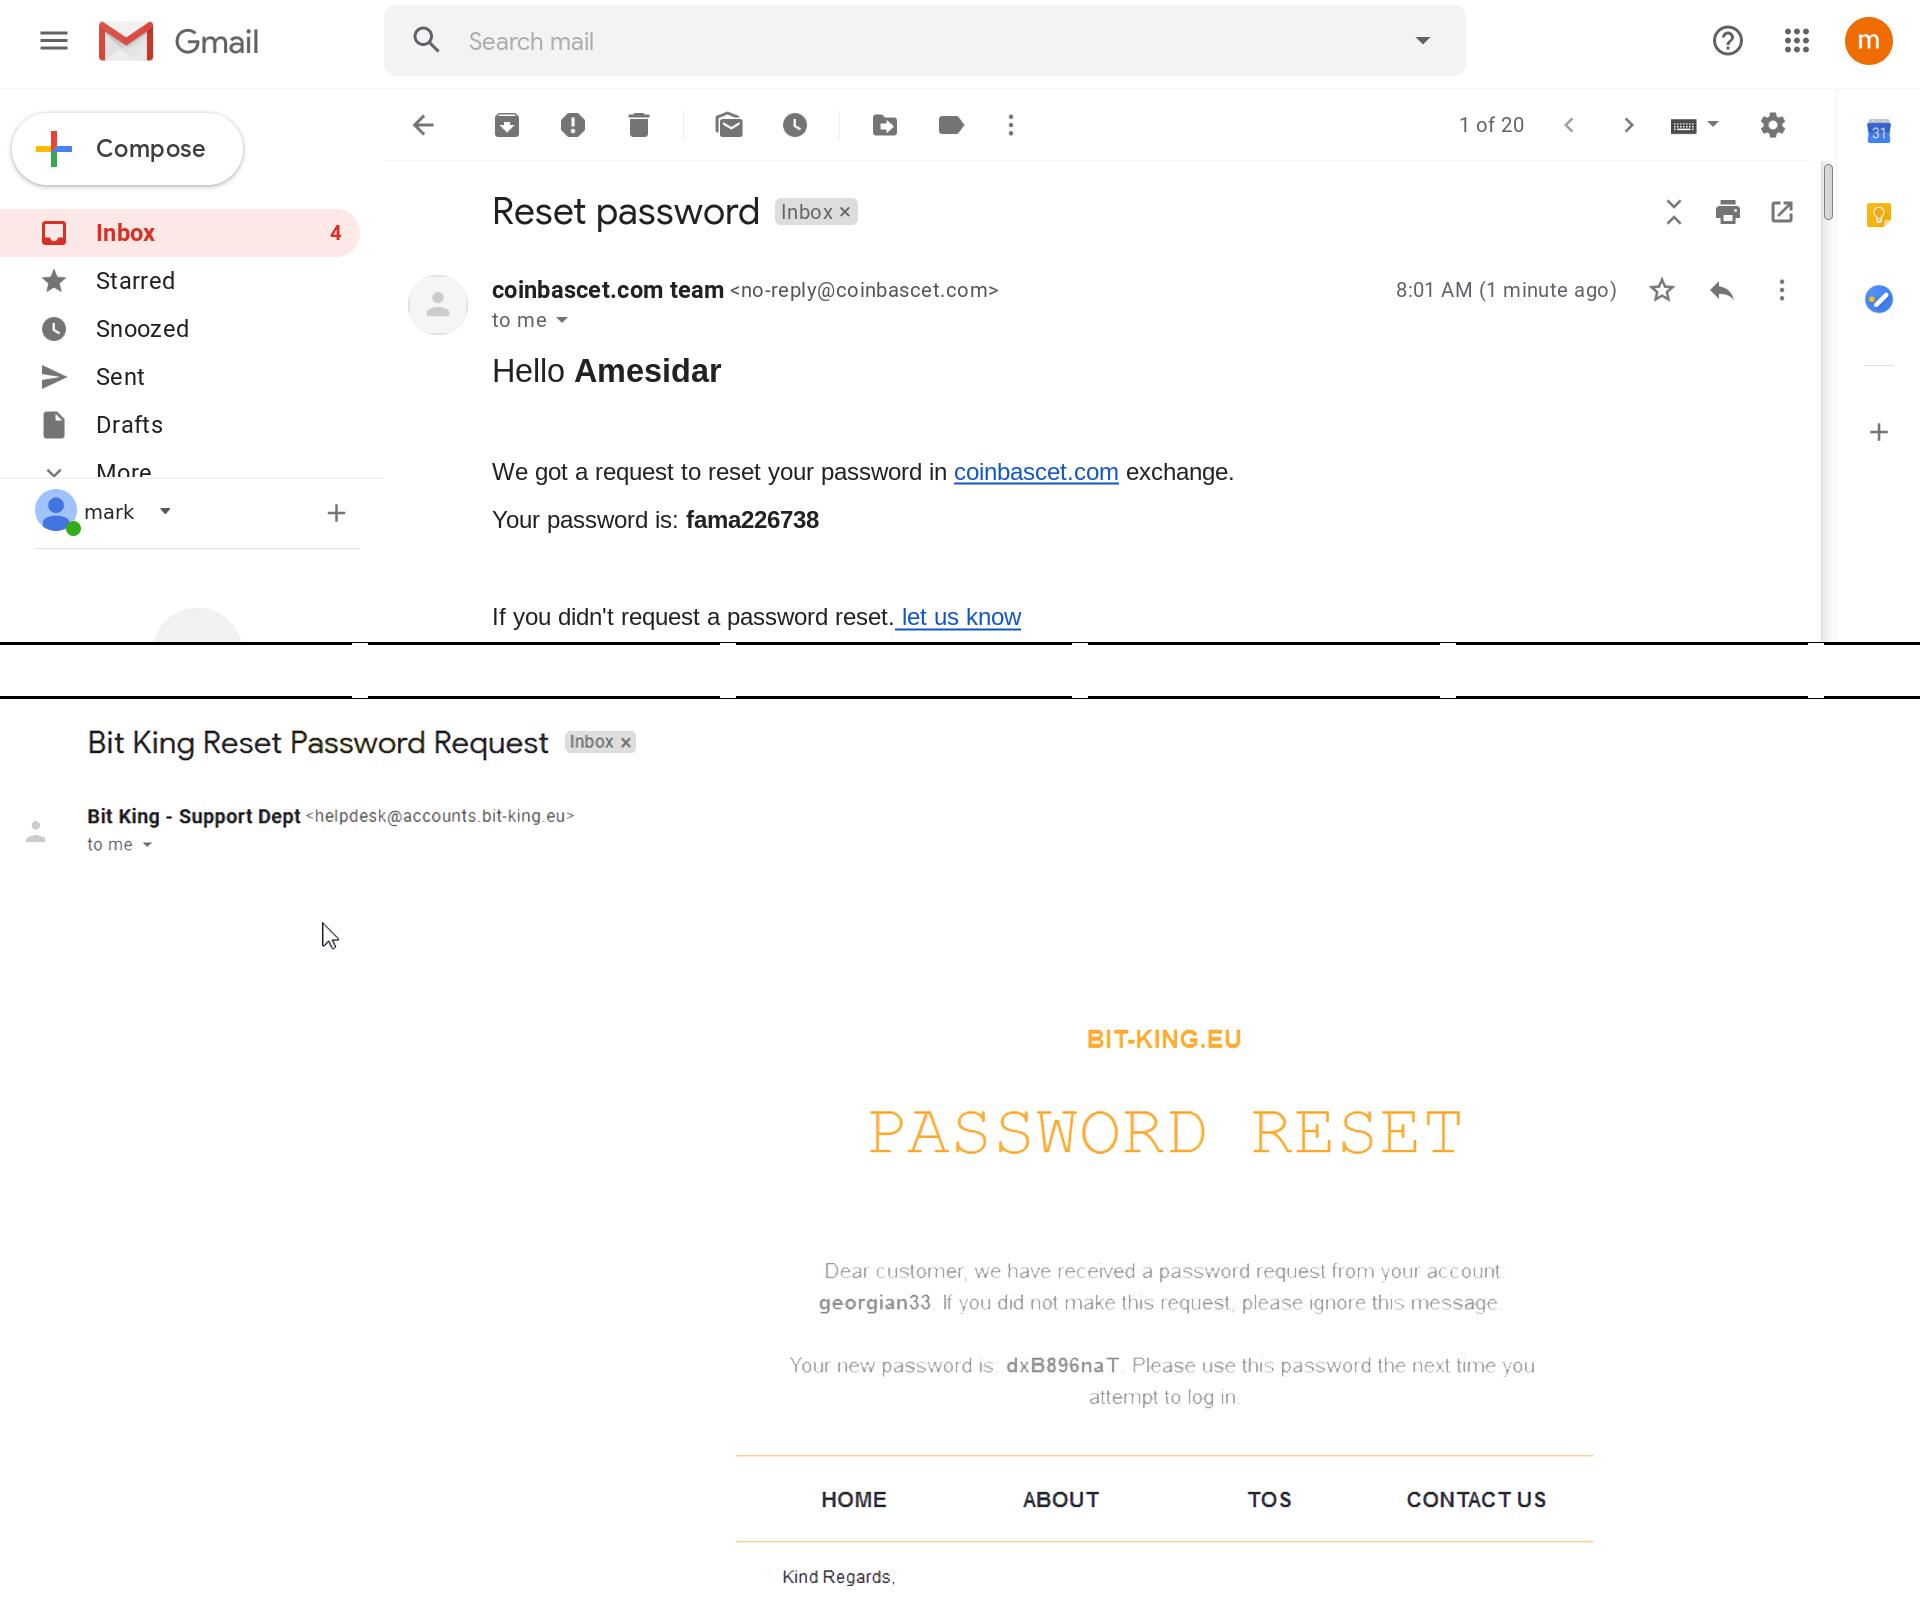 E-mails de redefinição de senha falsa para contas de criptomoeda igualmente falsas